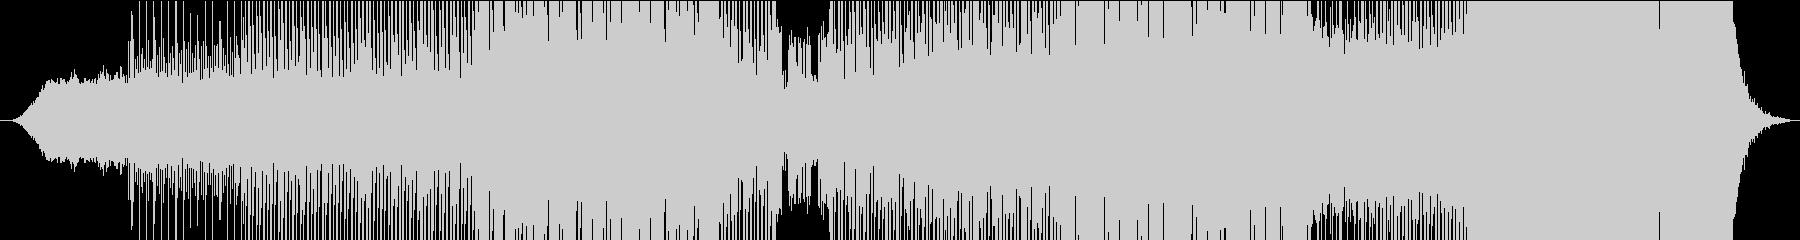 シンセサイザーウェーブで技術のある曲の未再生の波形